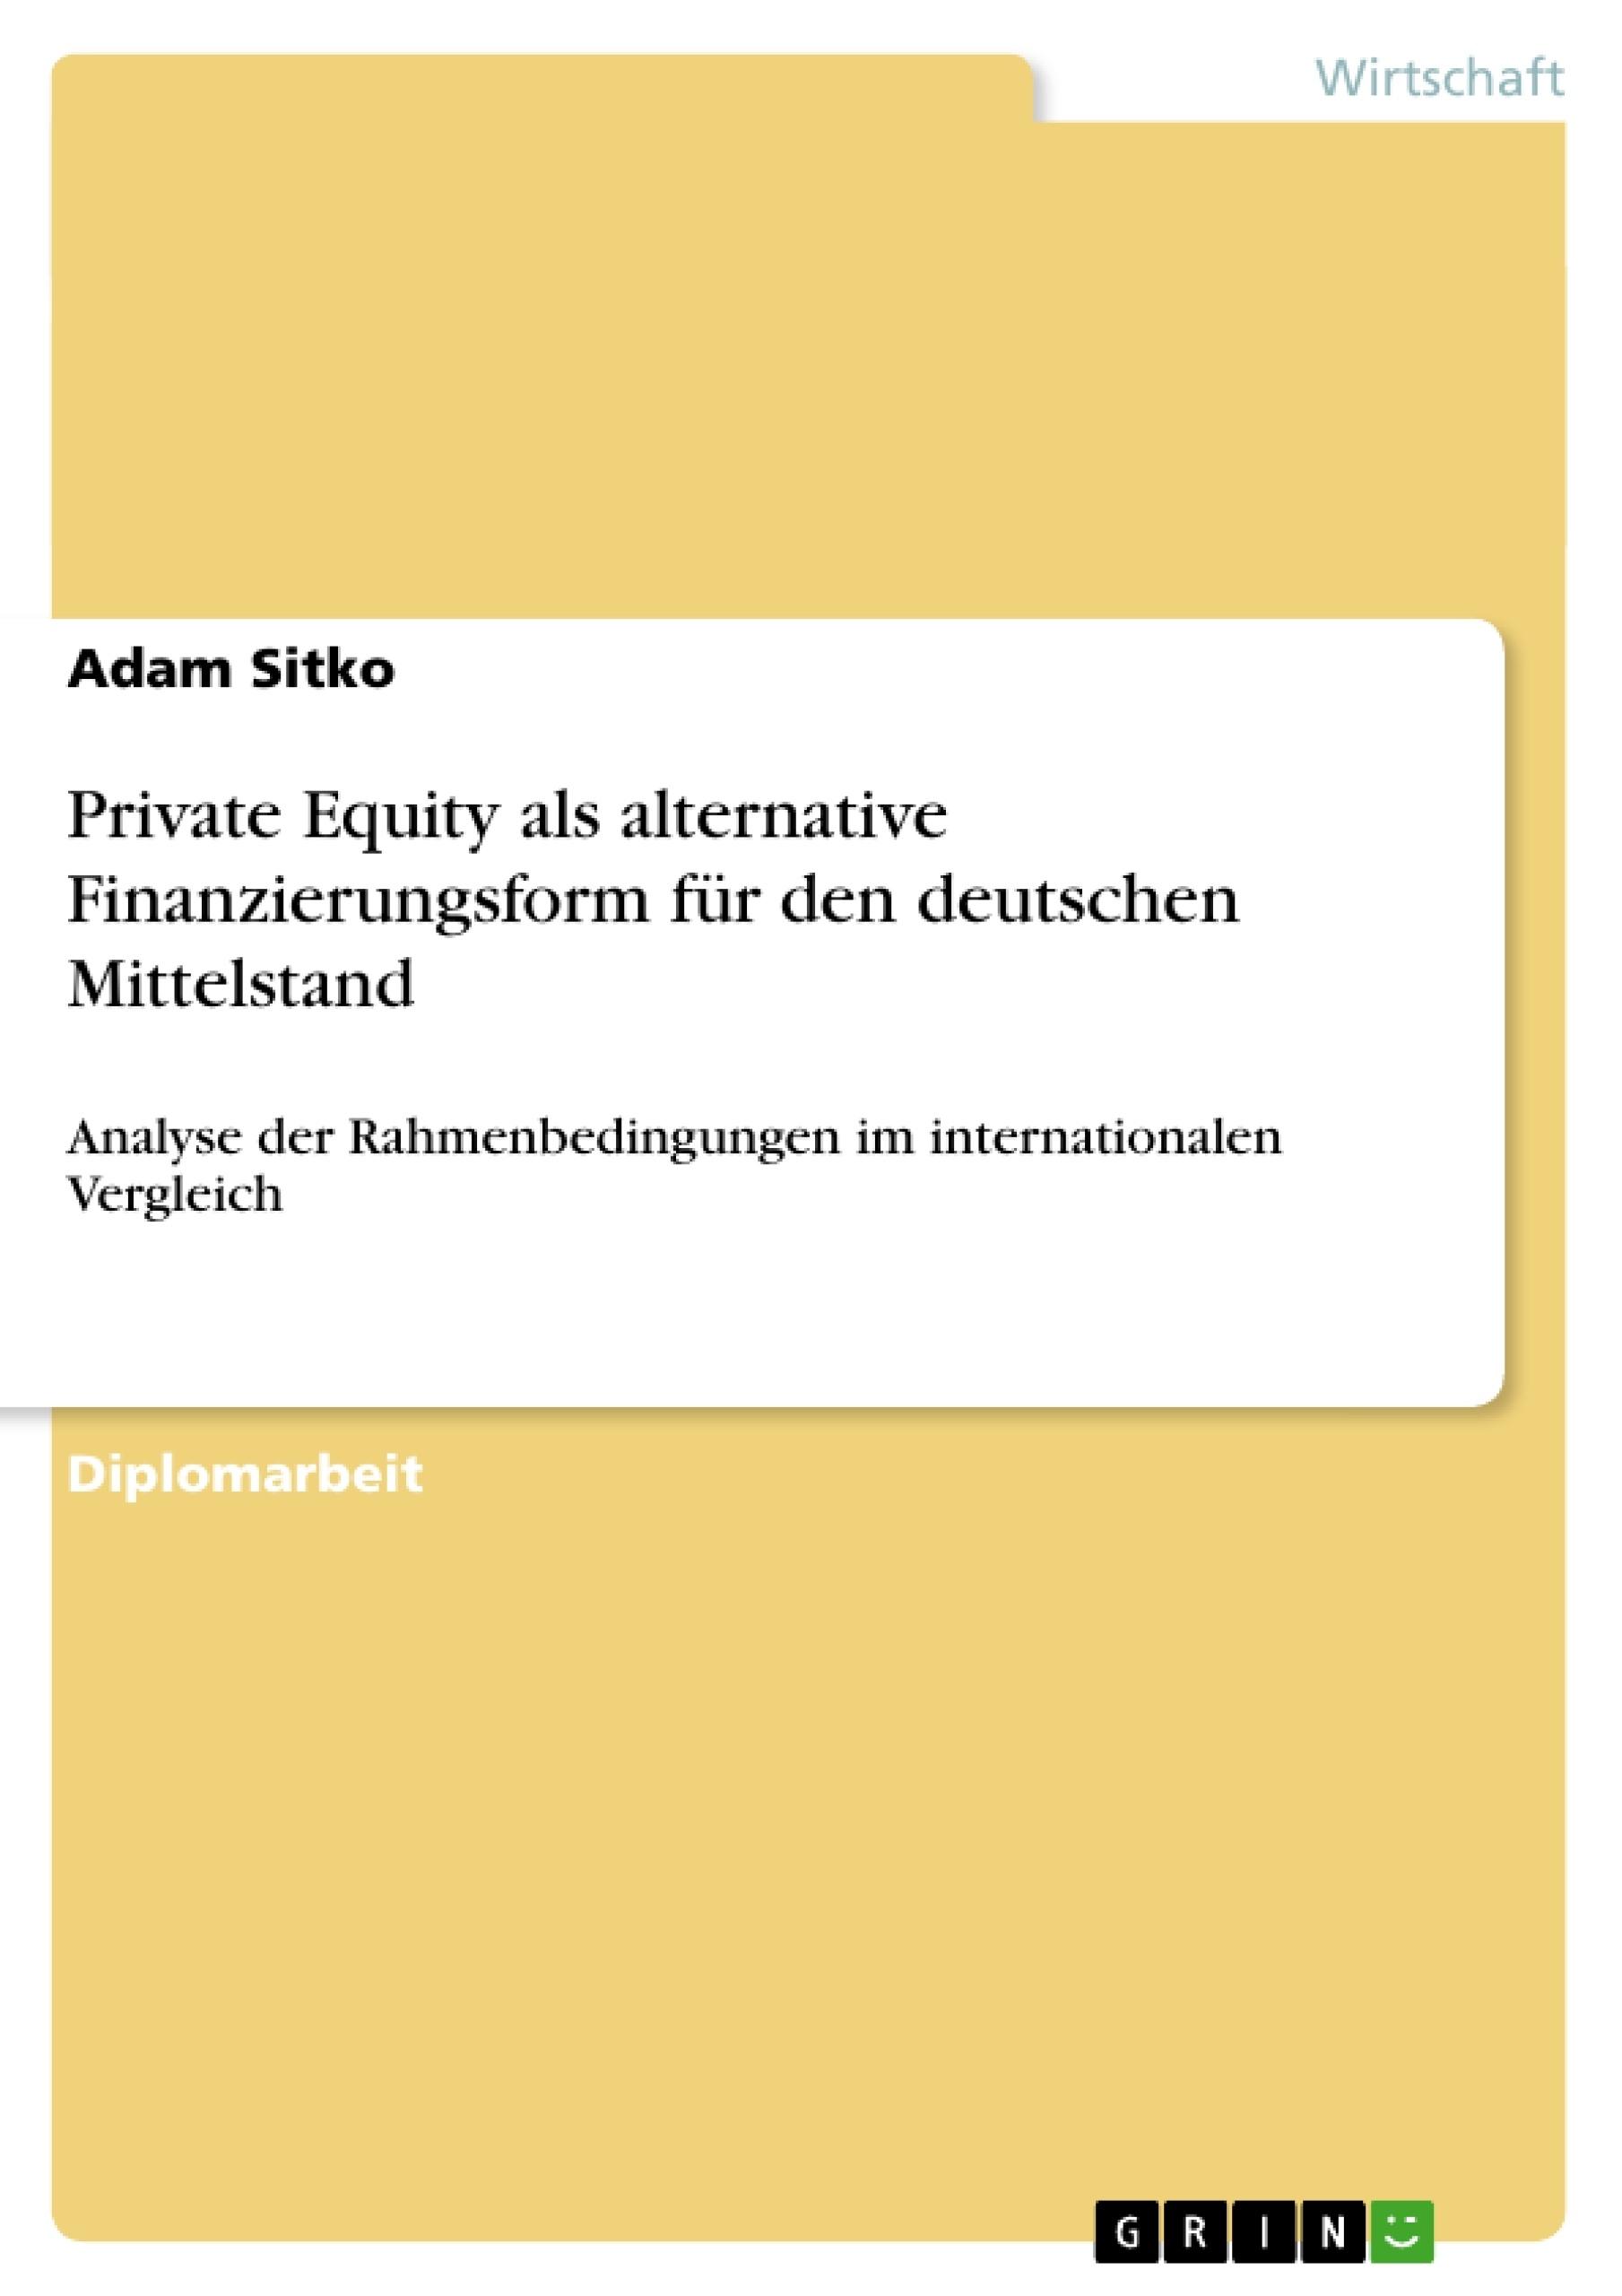 Titel: Private Equity als alternative Finanzierungsform für den deutschen Mittelstand